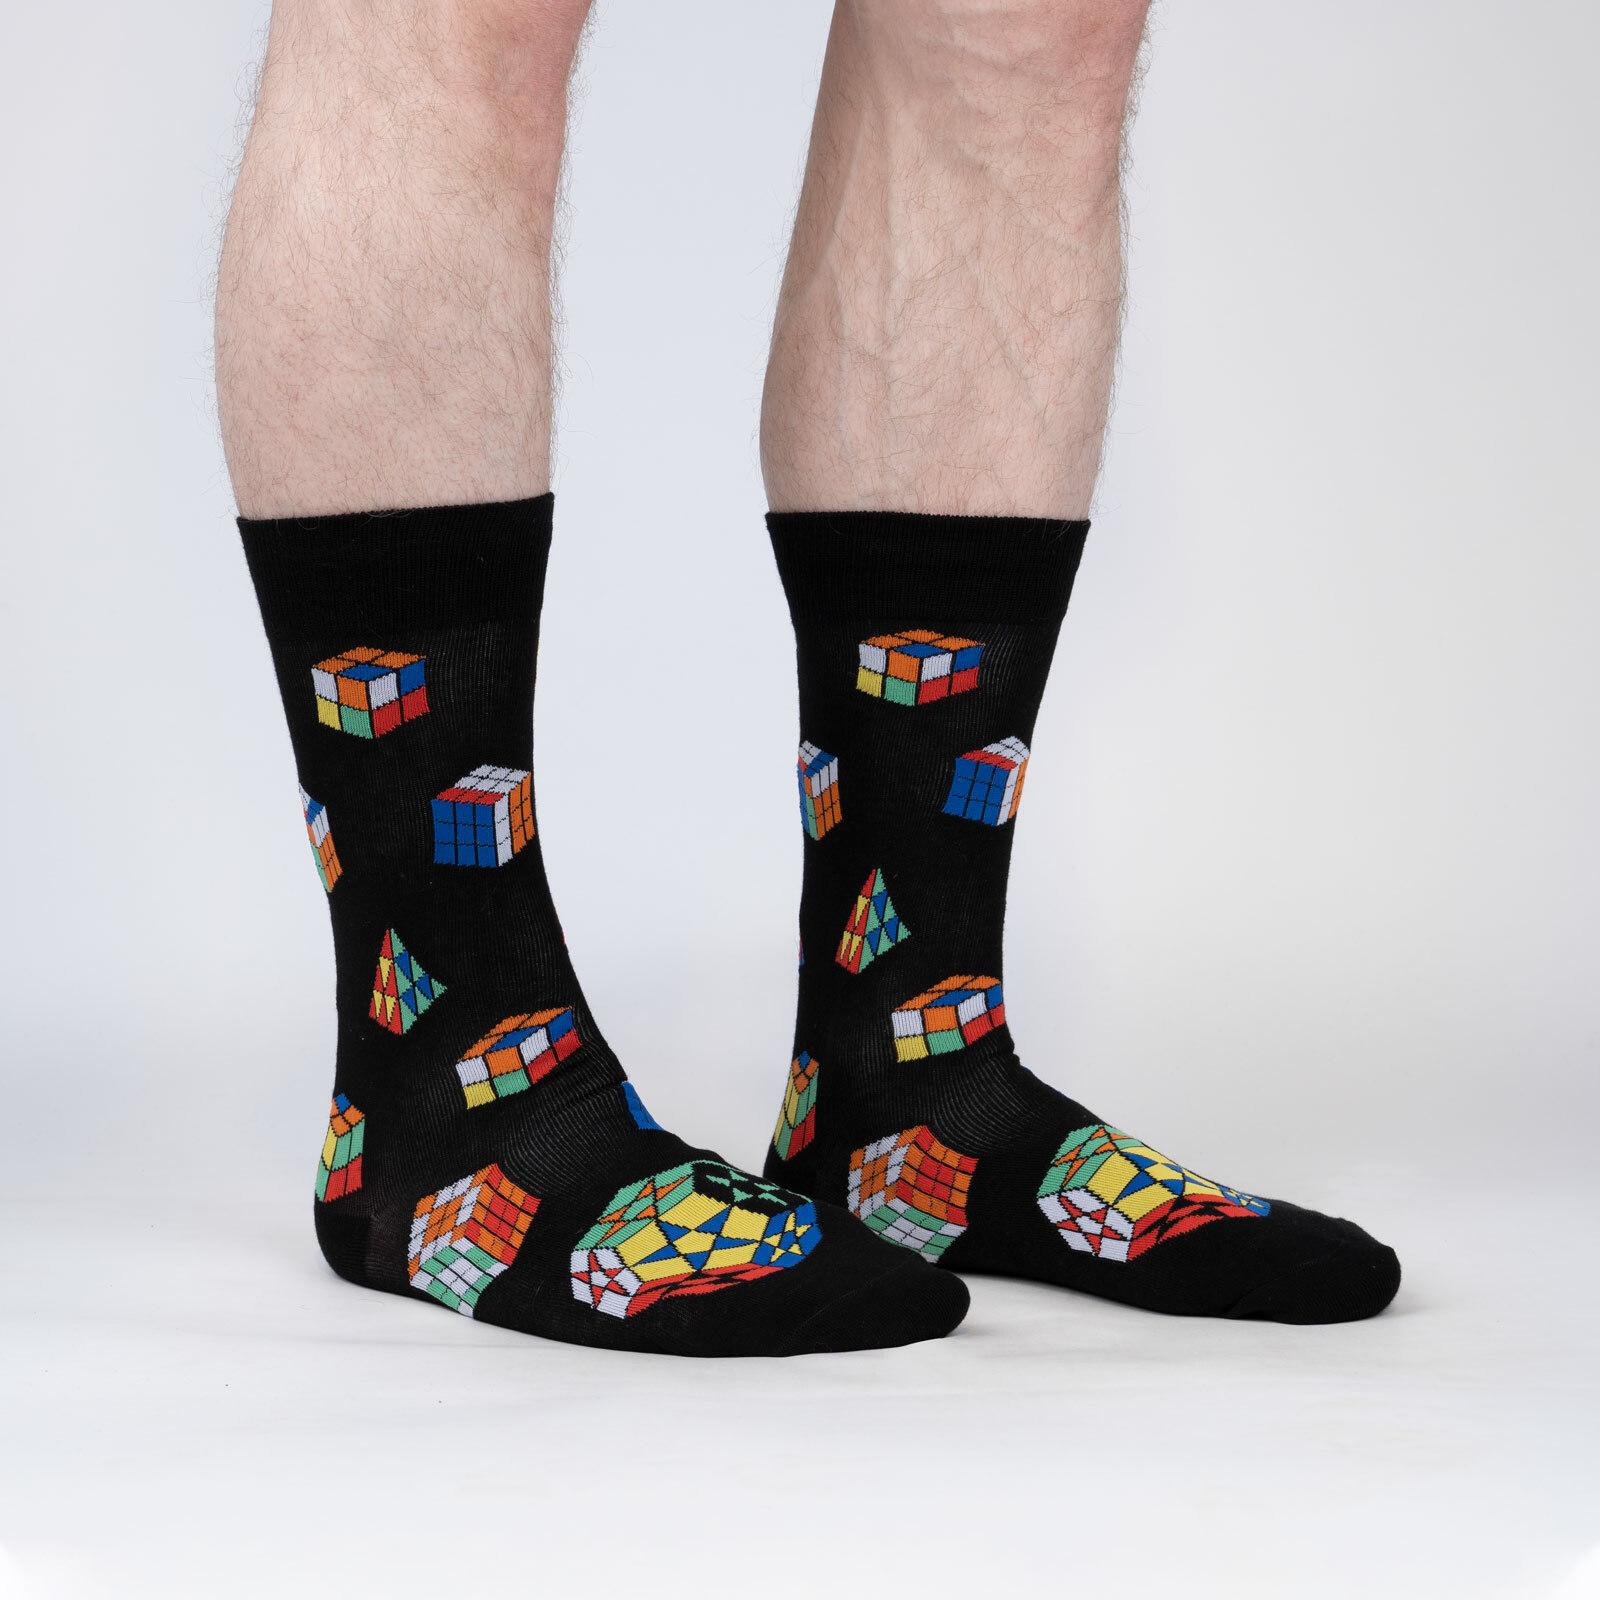 model wearing Puzzle Box Socks - Game Lover Crew Socks Black - Men's